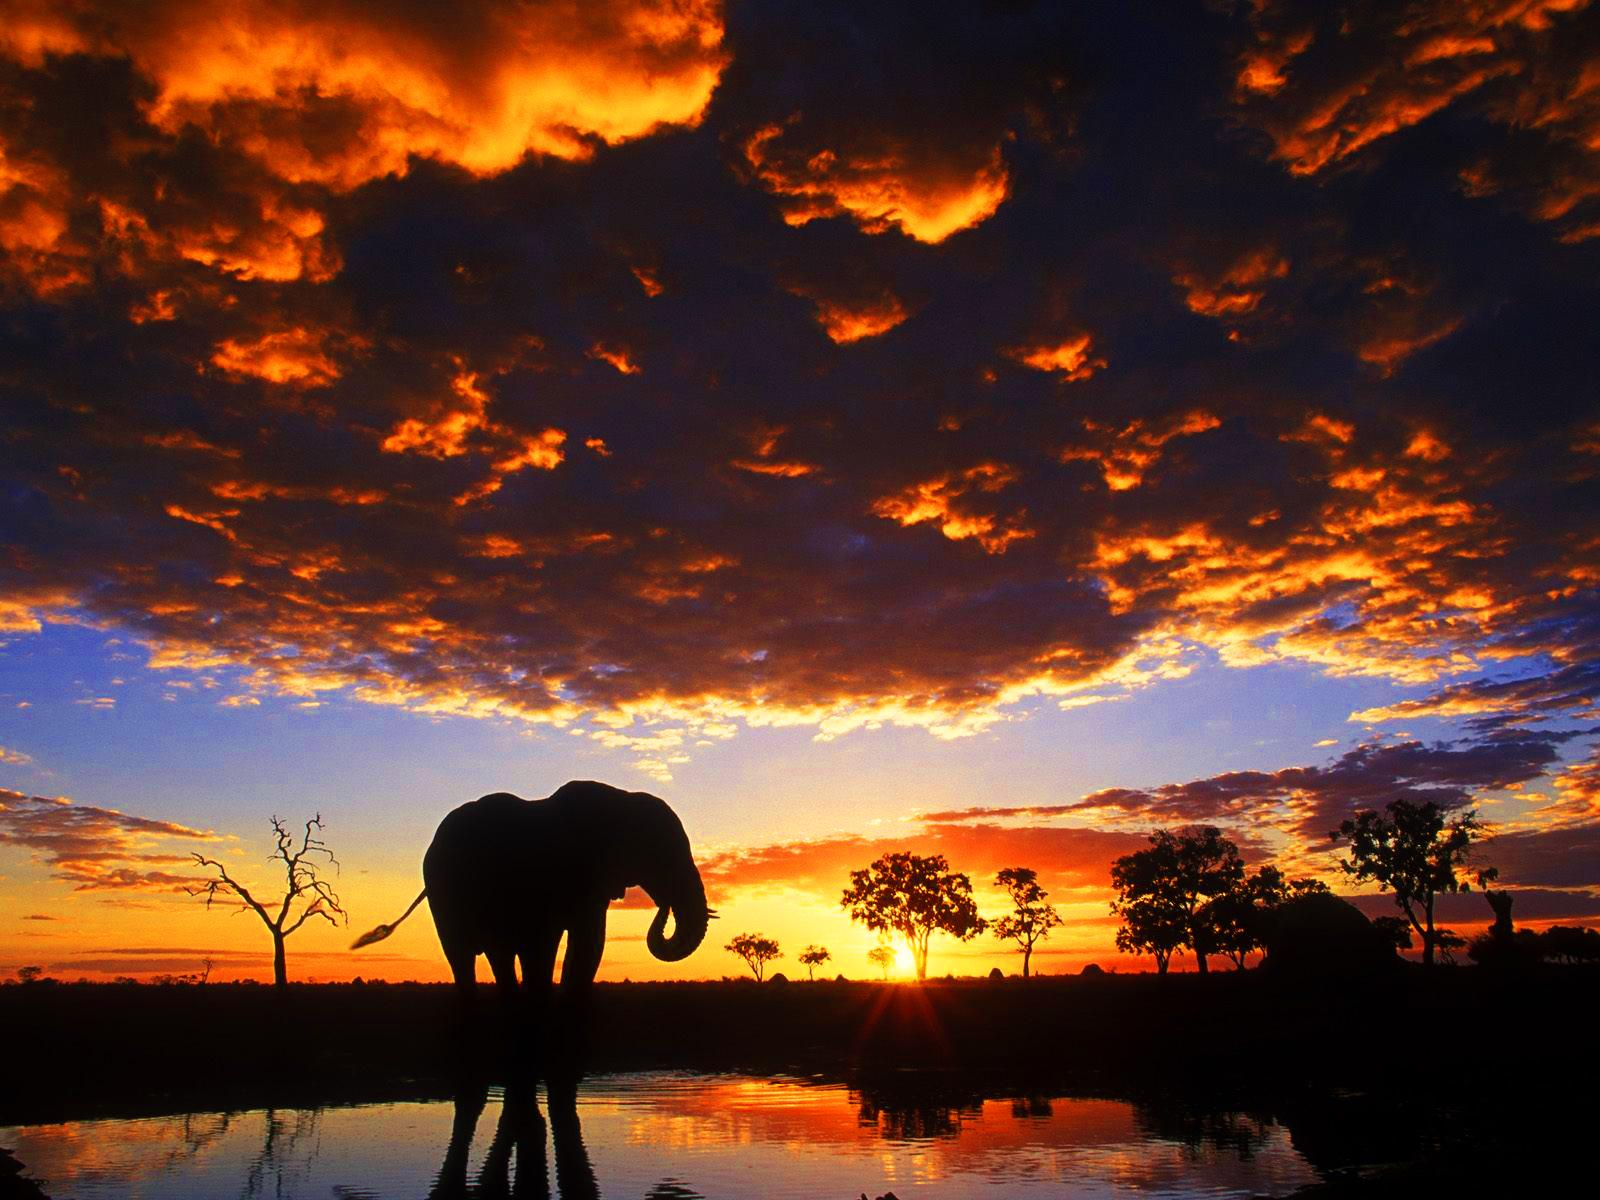 Life Is Beautiful Wallpaper Hd Wallpapers: Fondos De Pantalla De Elefantes, Wallpapers HD Para